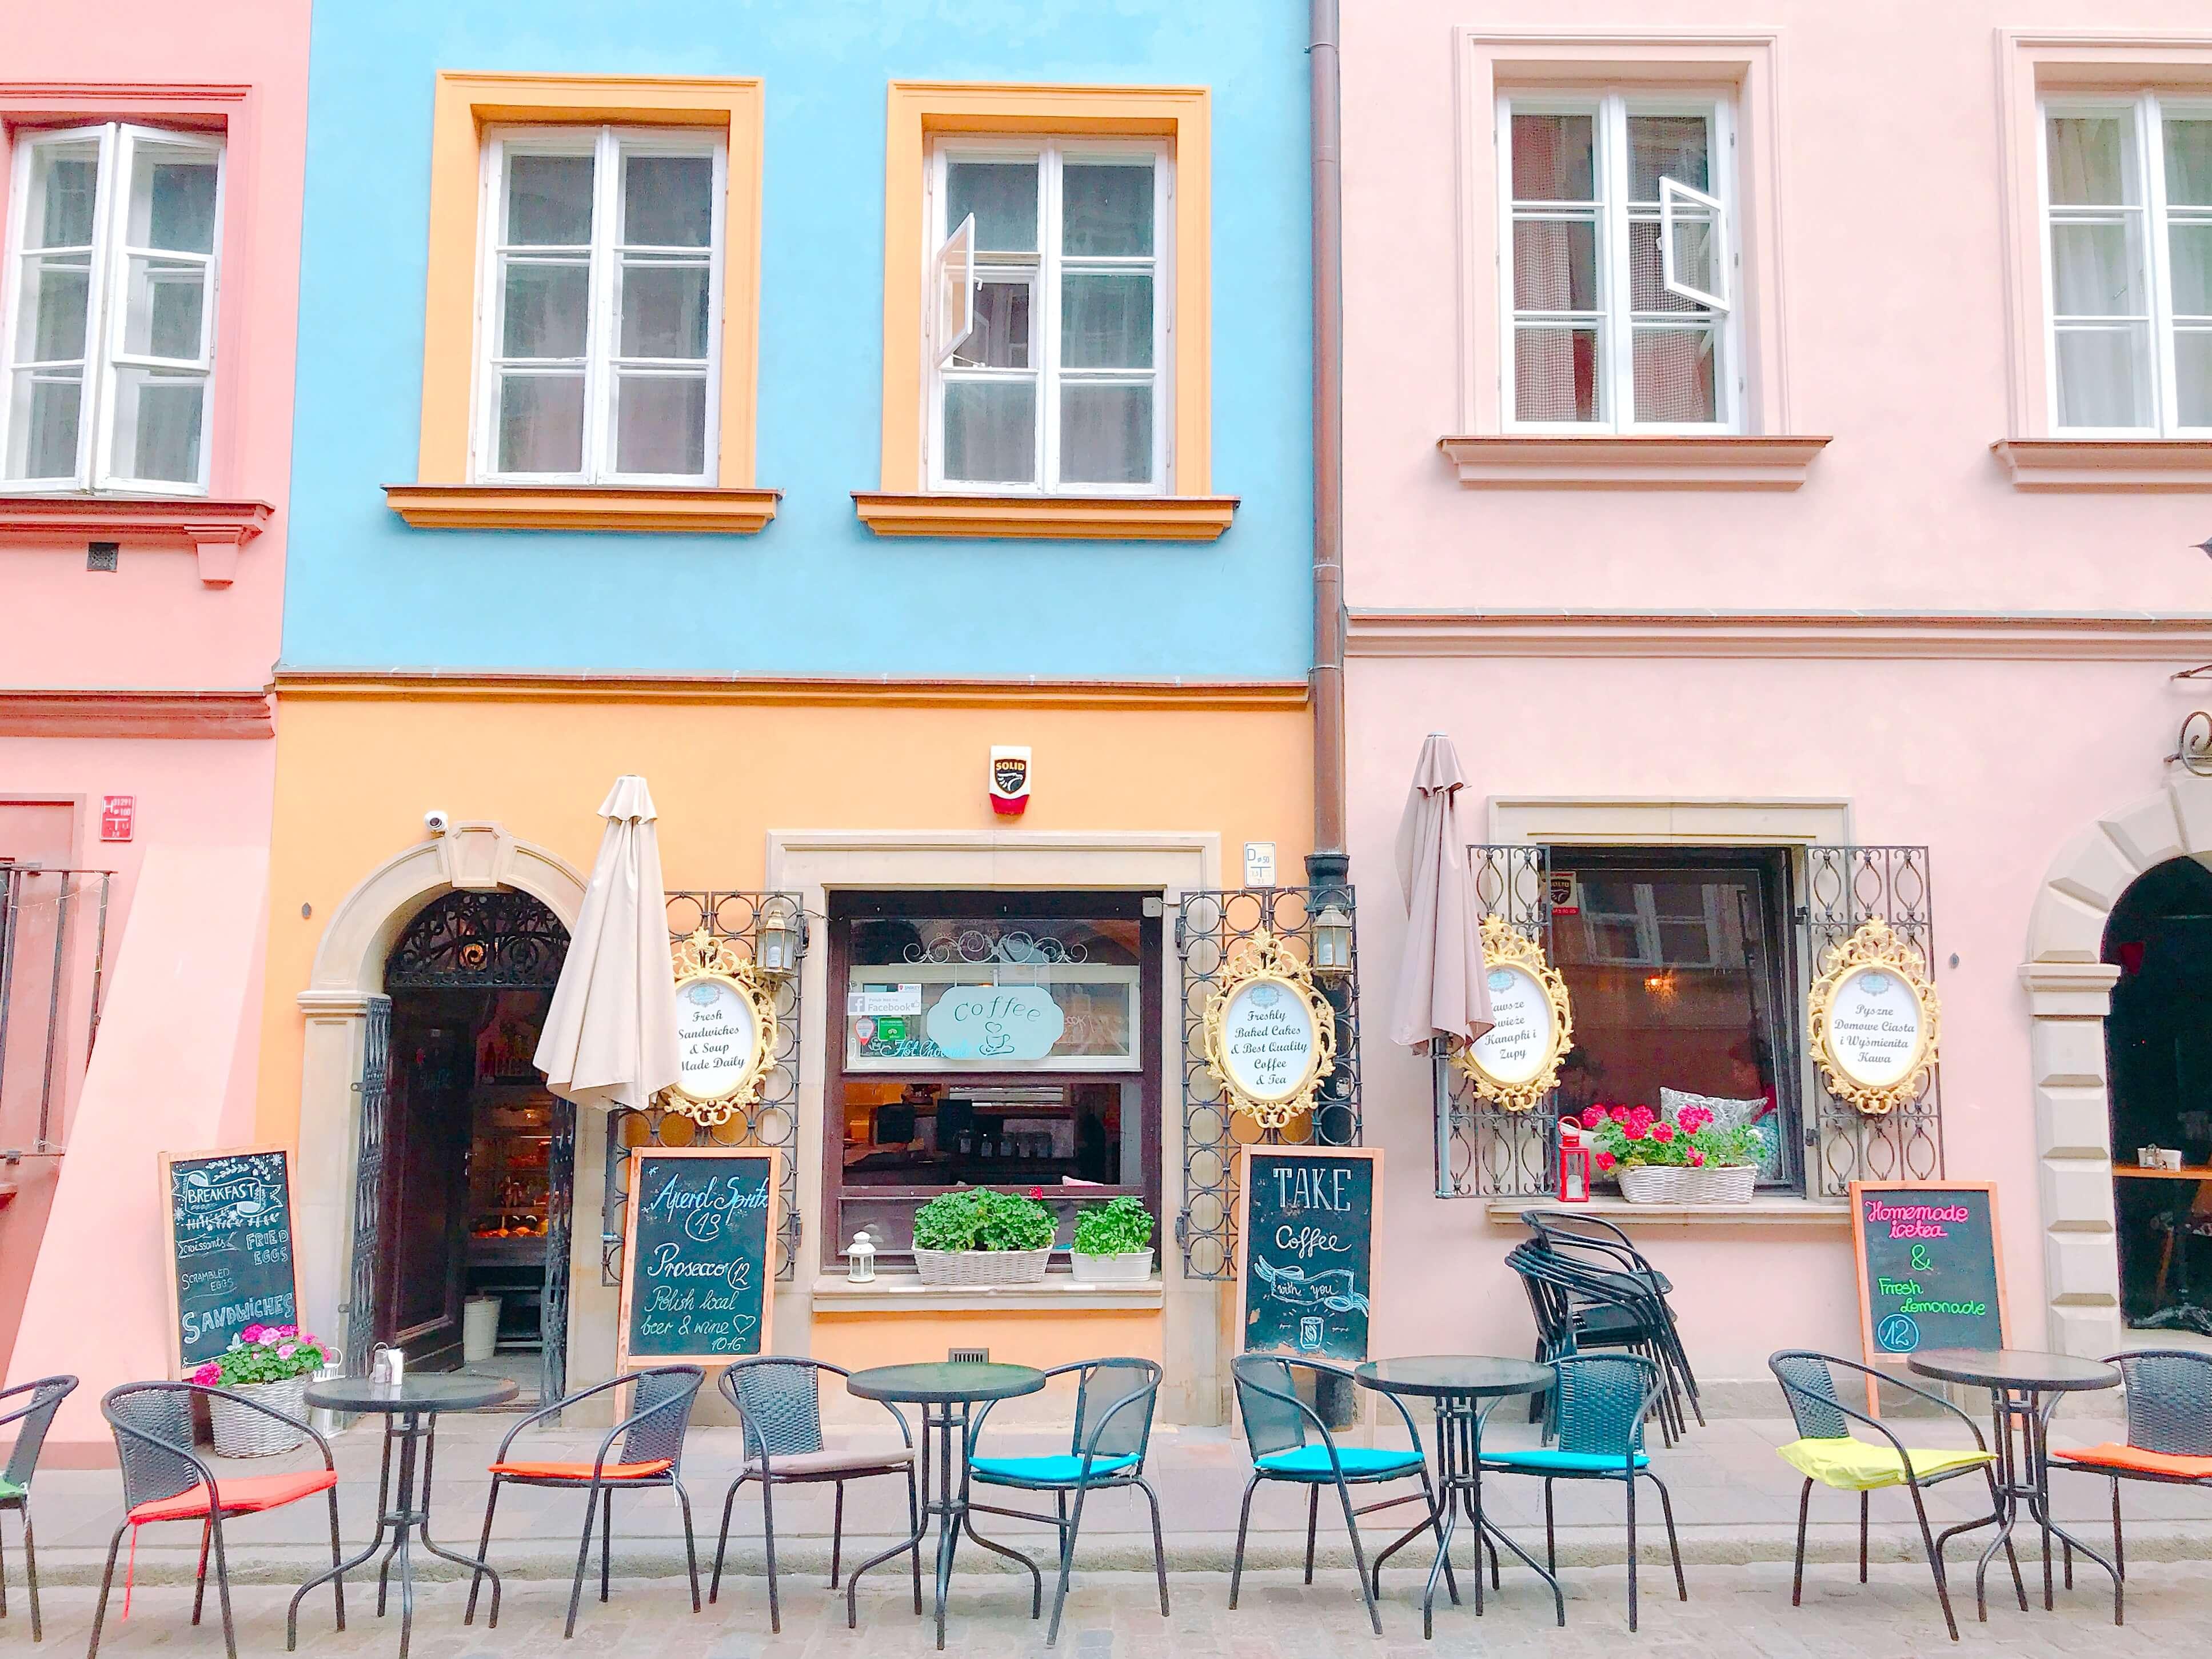 ポーランド ワルシャワのパステルカラーのカフェ